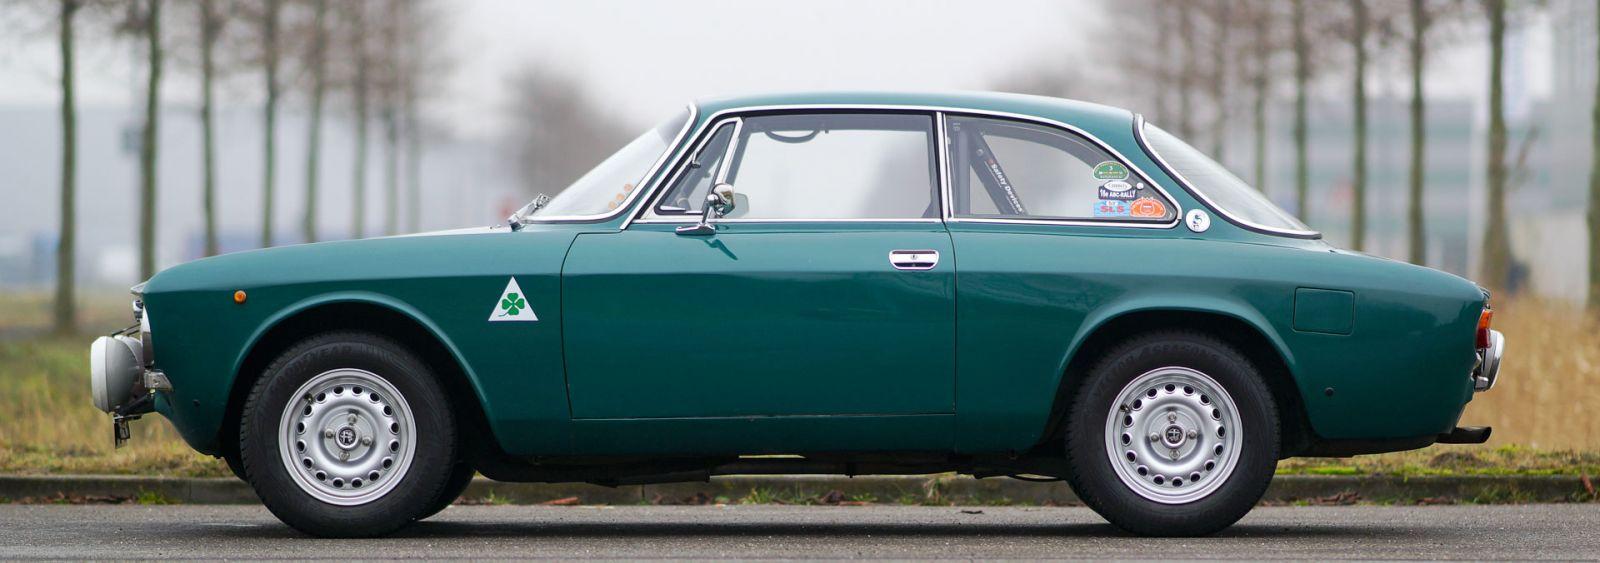 Alfa Romeo Giulia 2000 GTV, 1971